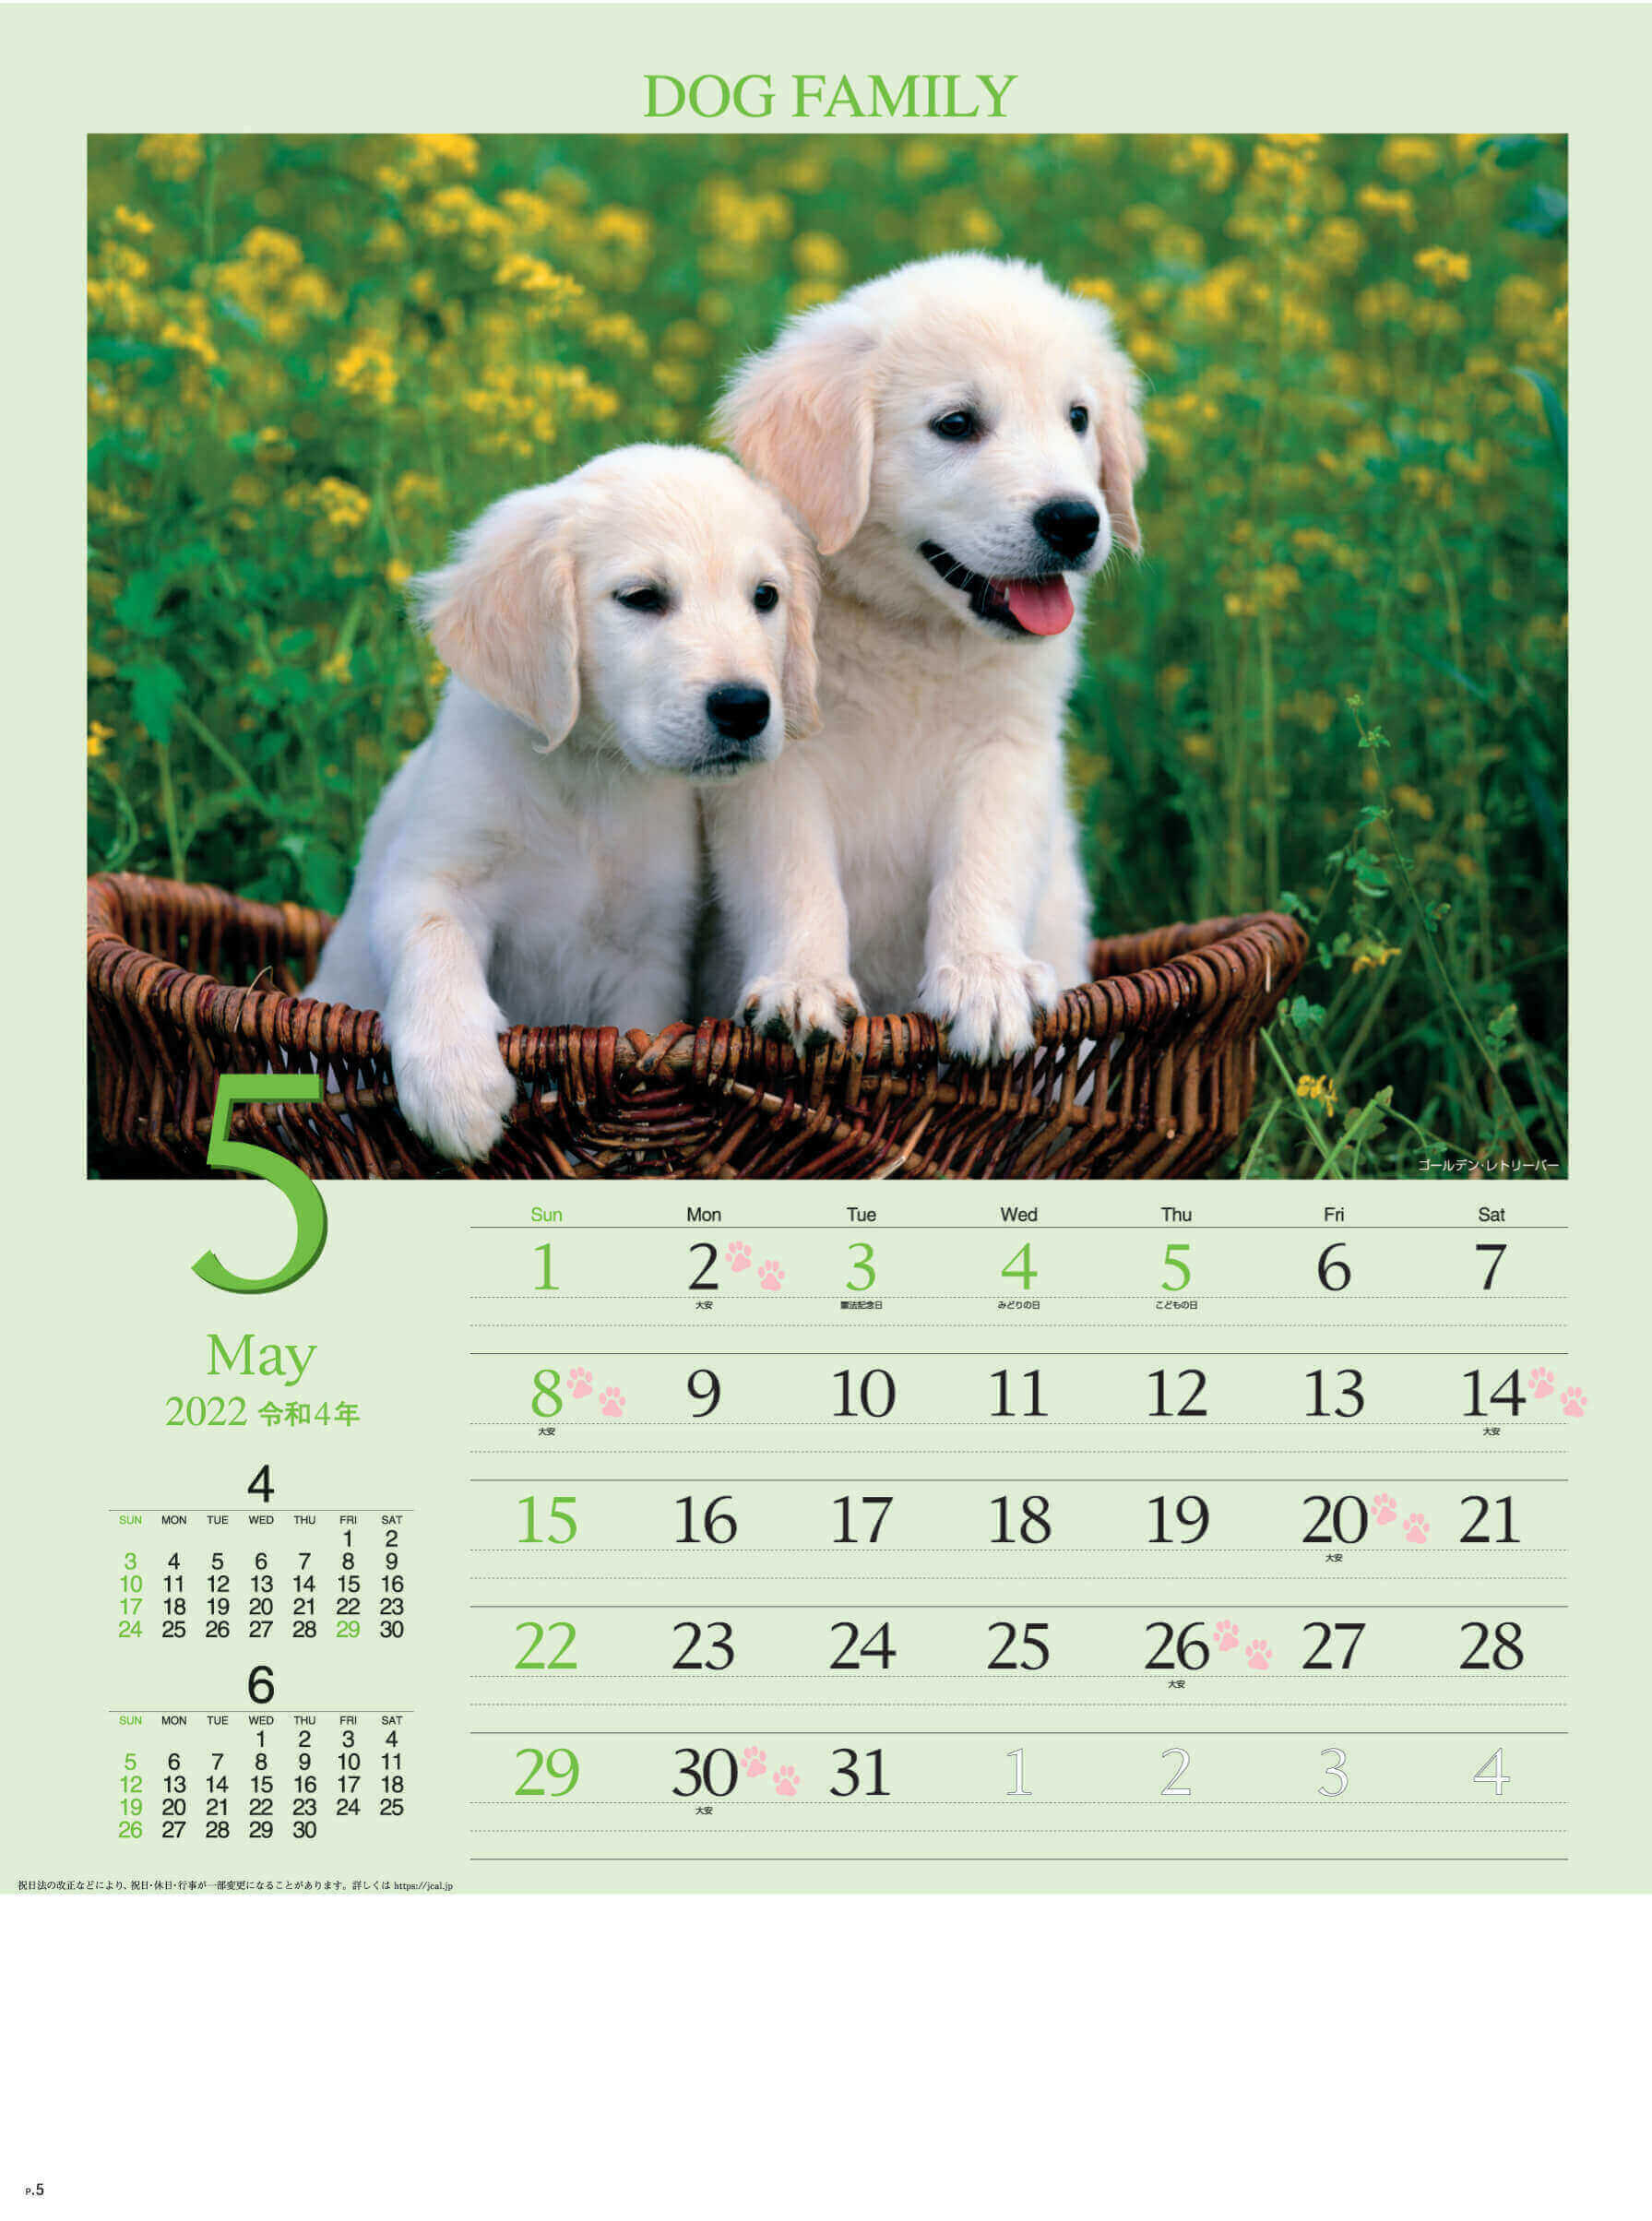 5月 ゴールデン・レトリーバー ドッグファミリー 2022年カレンダーの画像